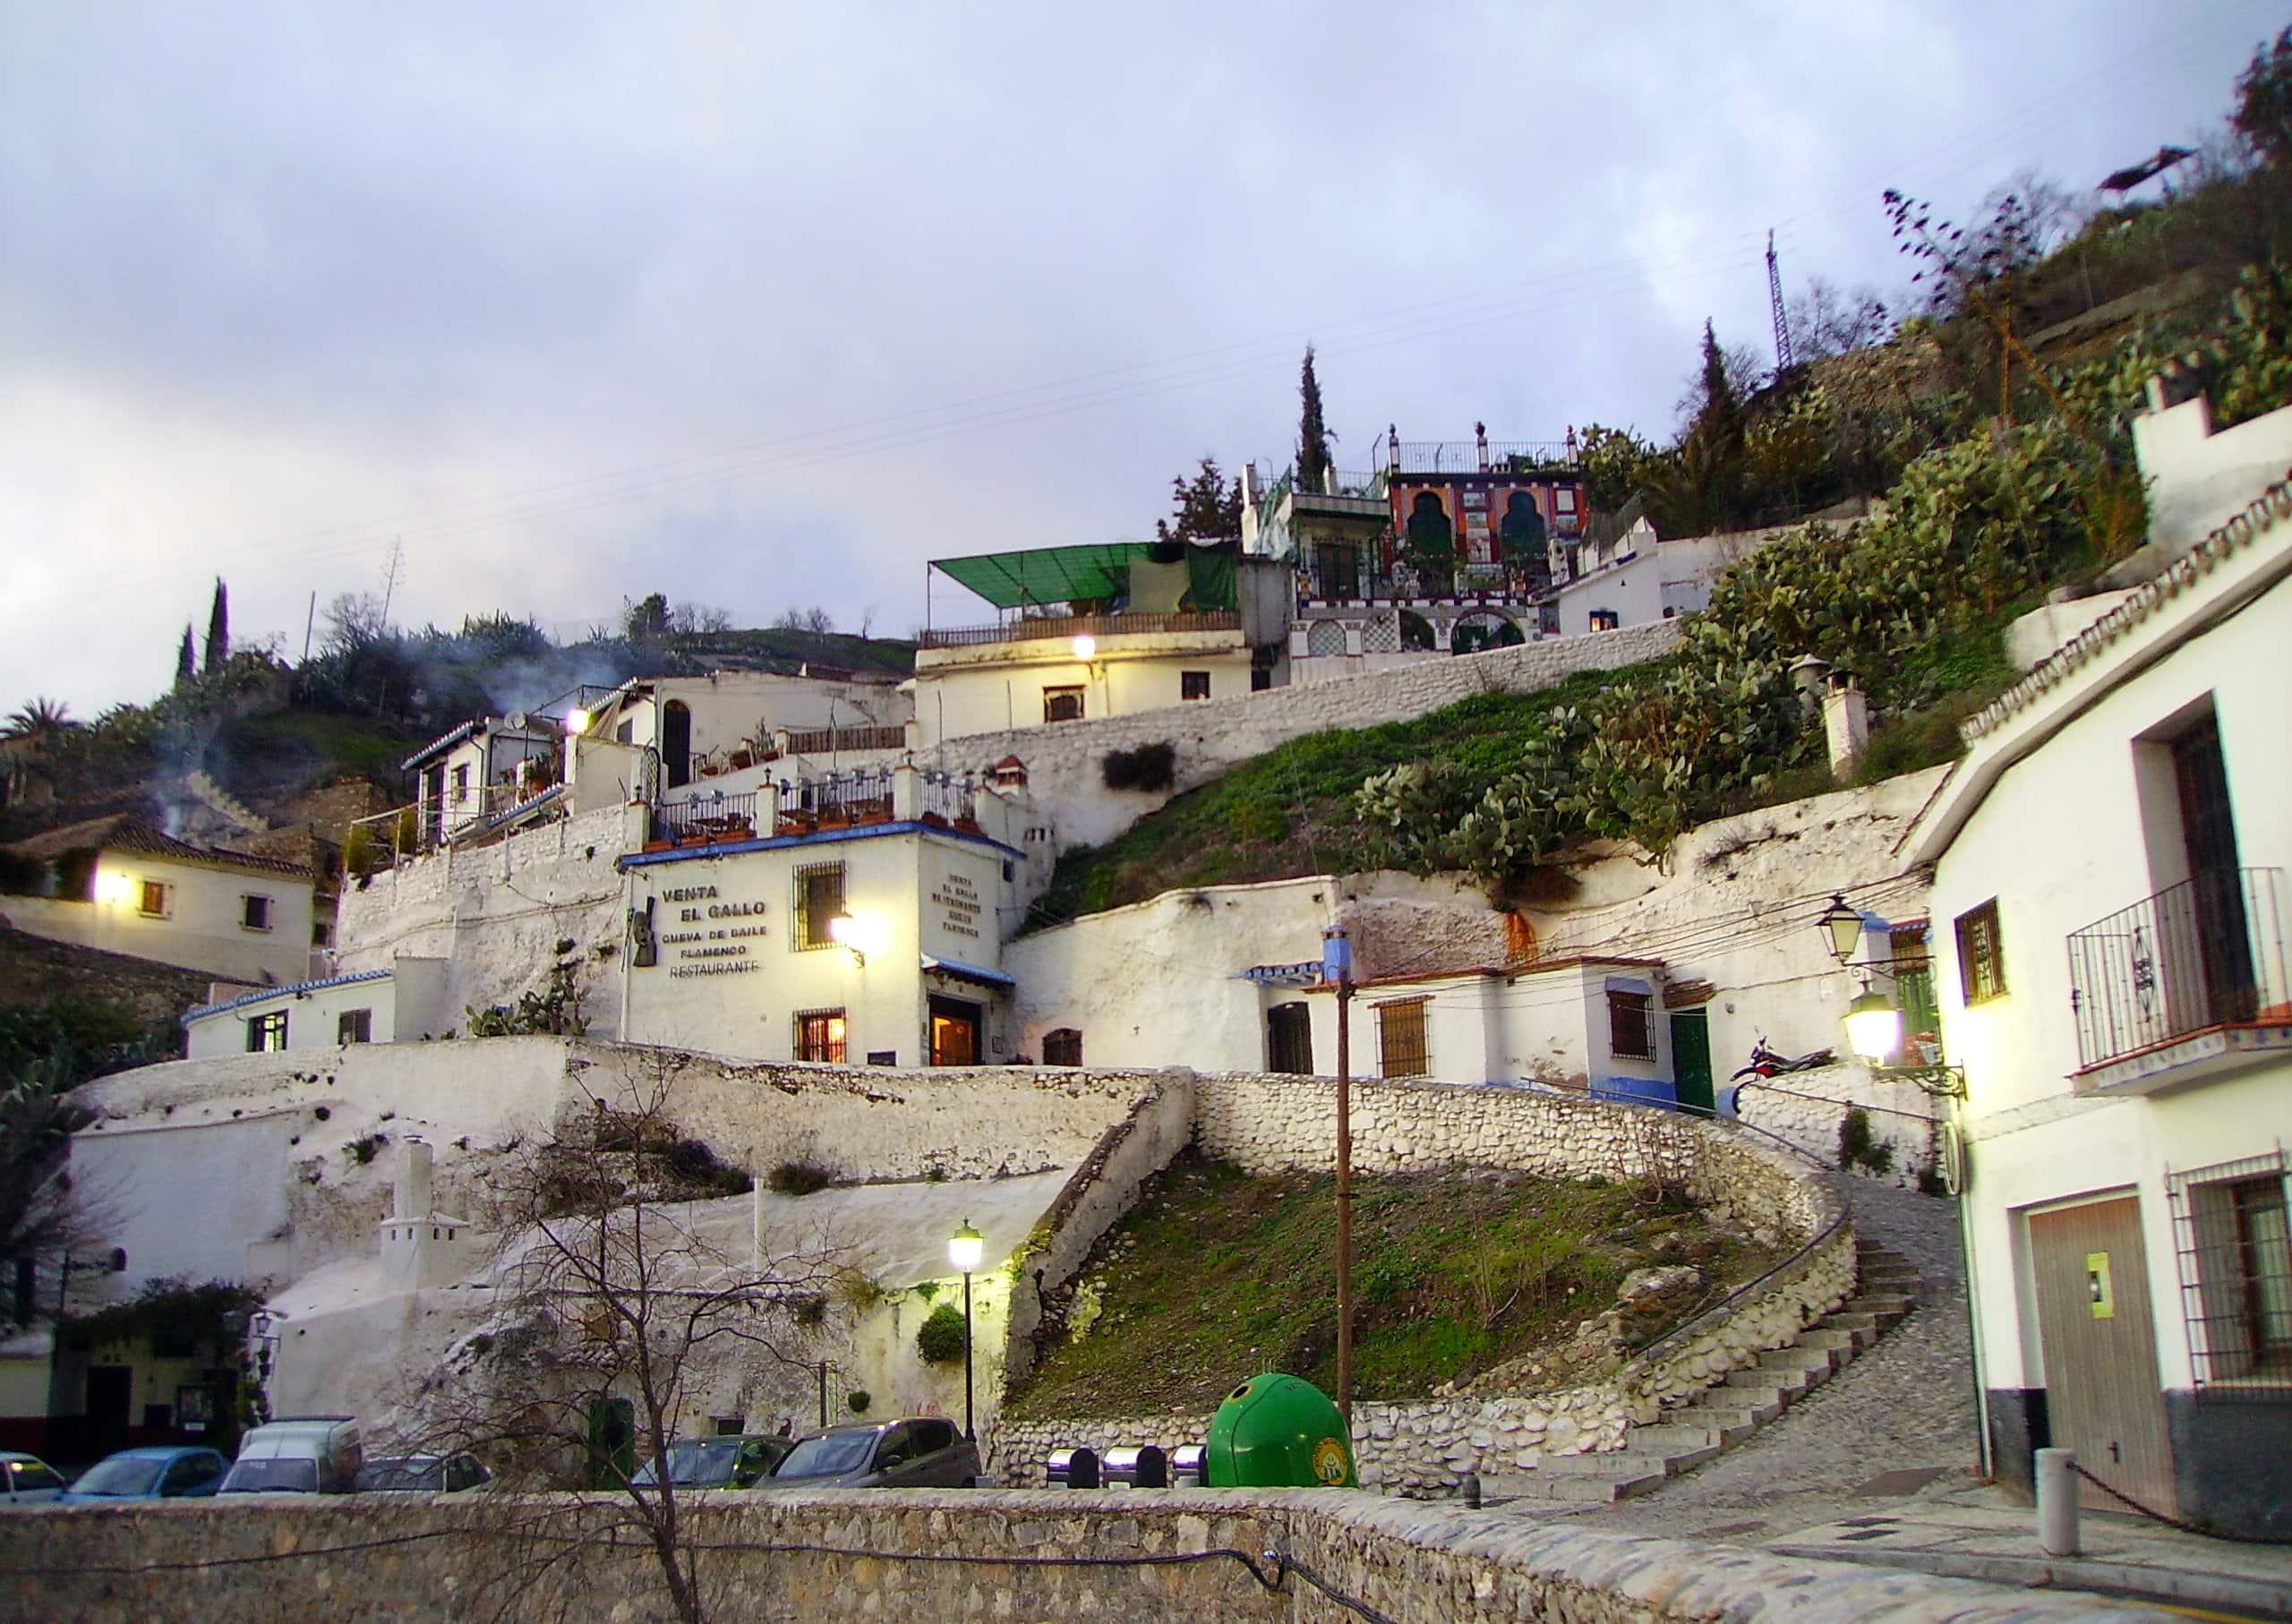 Fotografía del barrio del Sacromonte, Granada